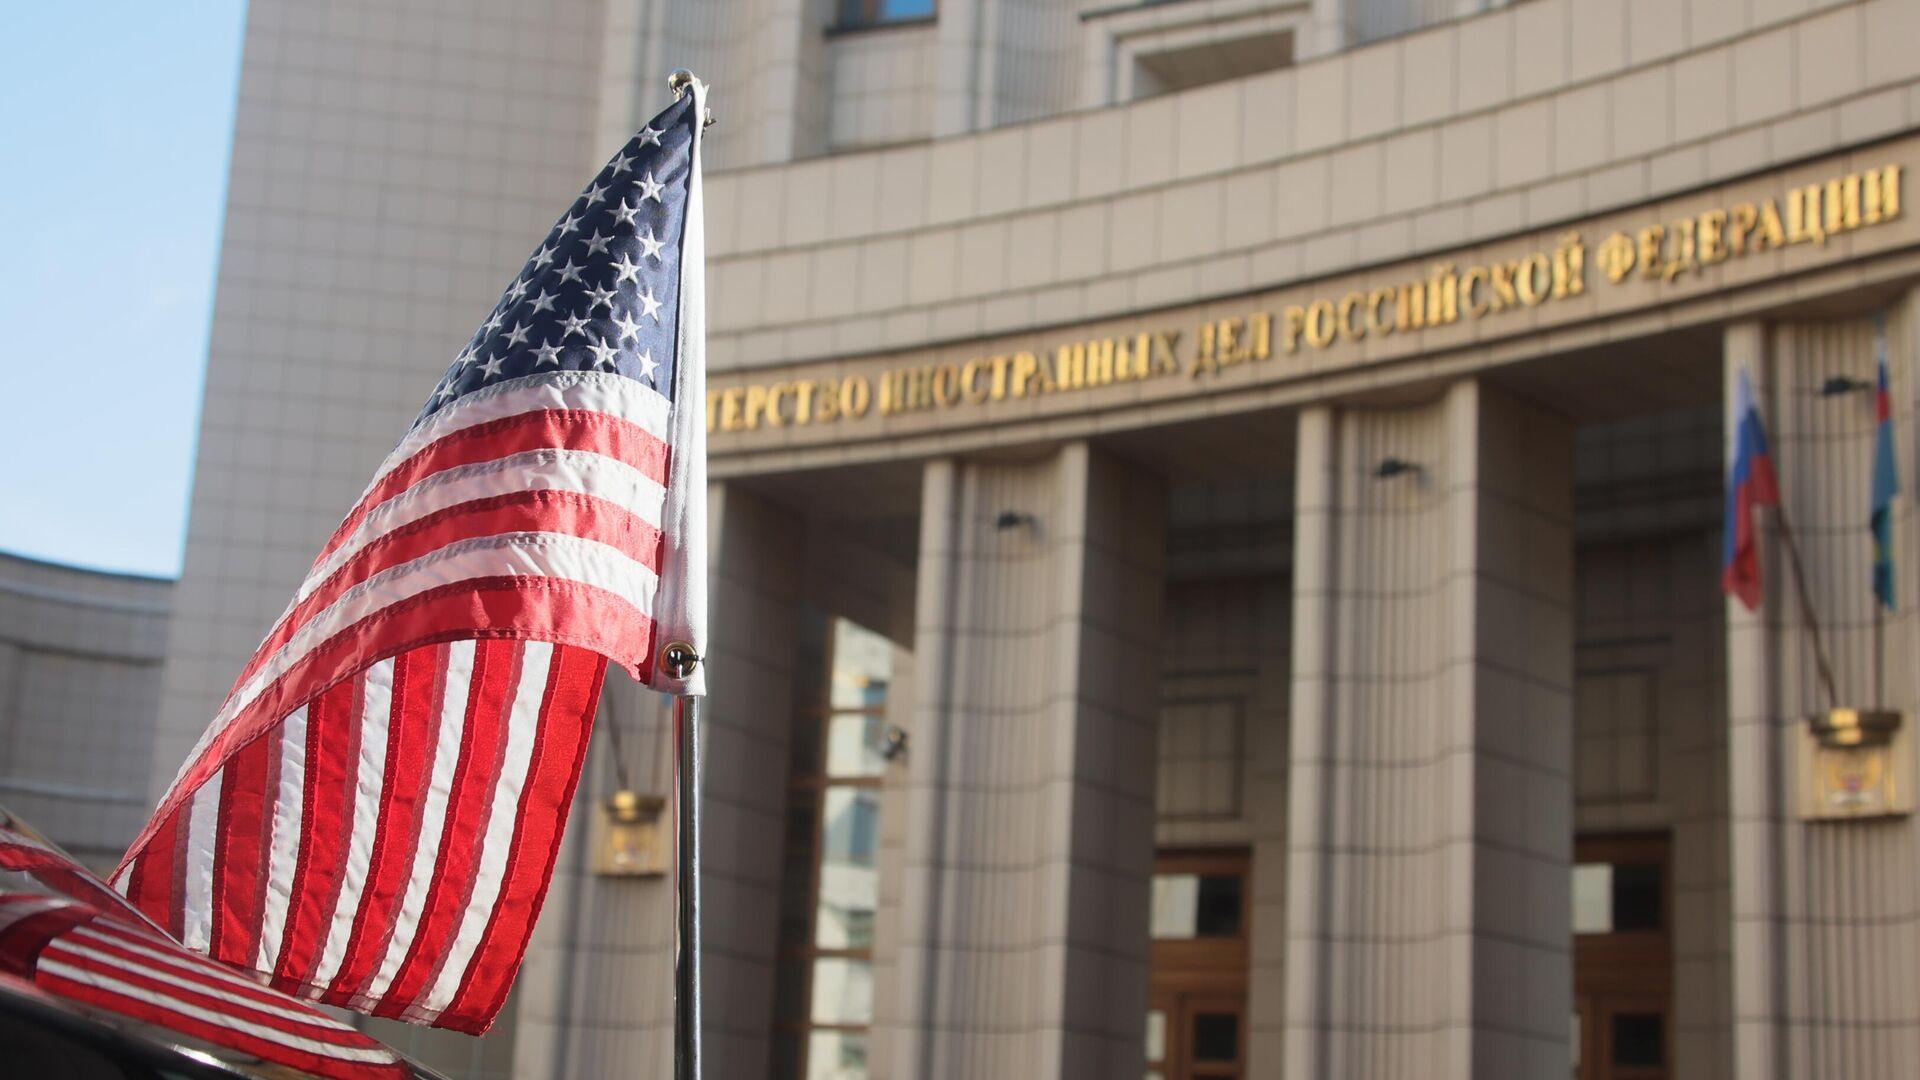 Održan sastanak Rjabkov-Nuland: Moskva ne isključuje novo zaoštravanje sa Amerikom - Sputnik Srbija, 1920, 12.10.2021